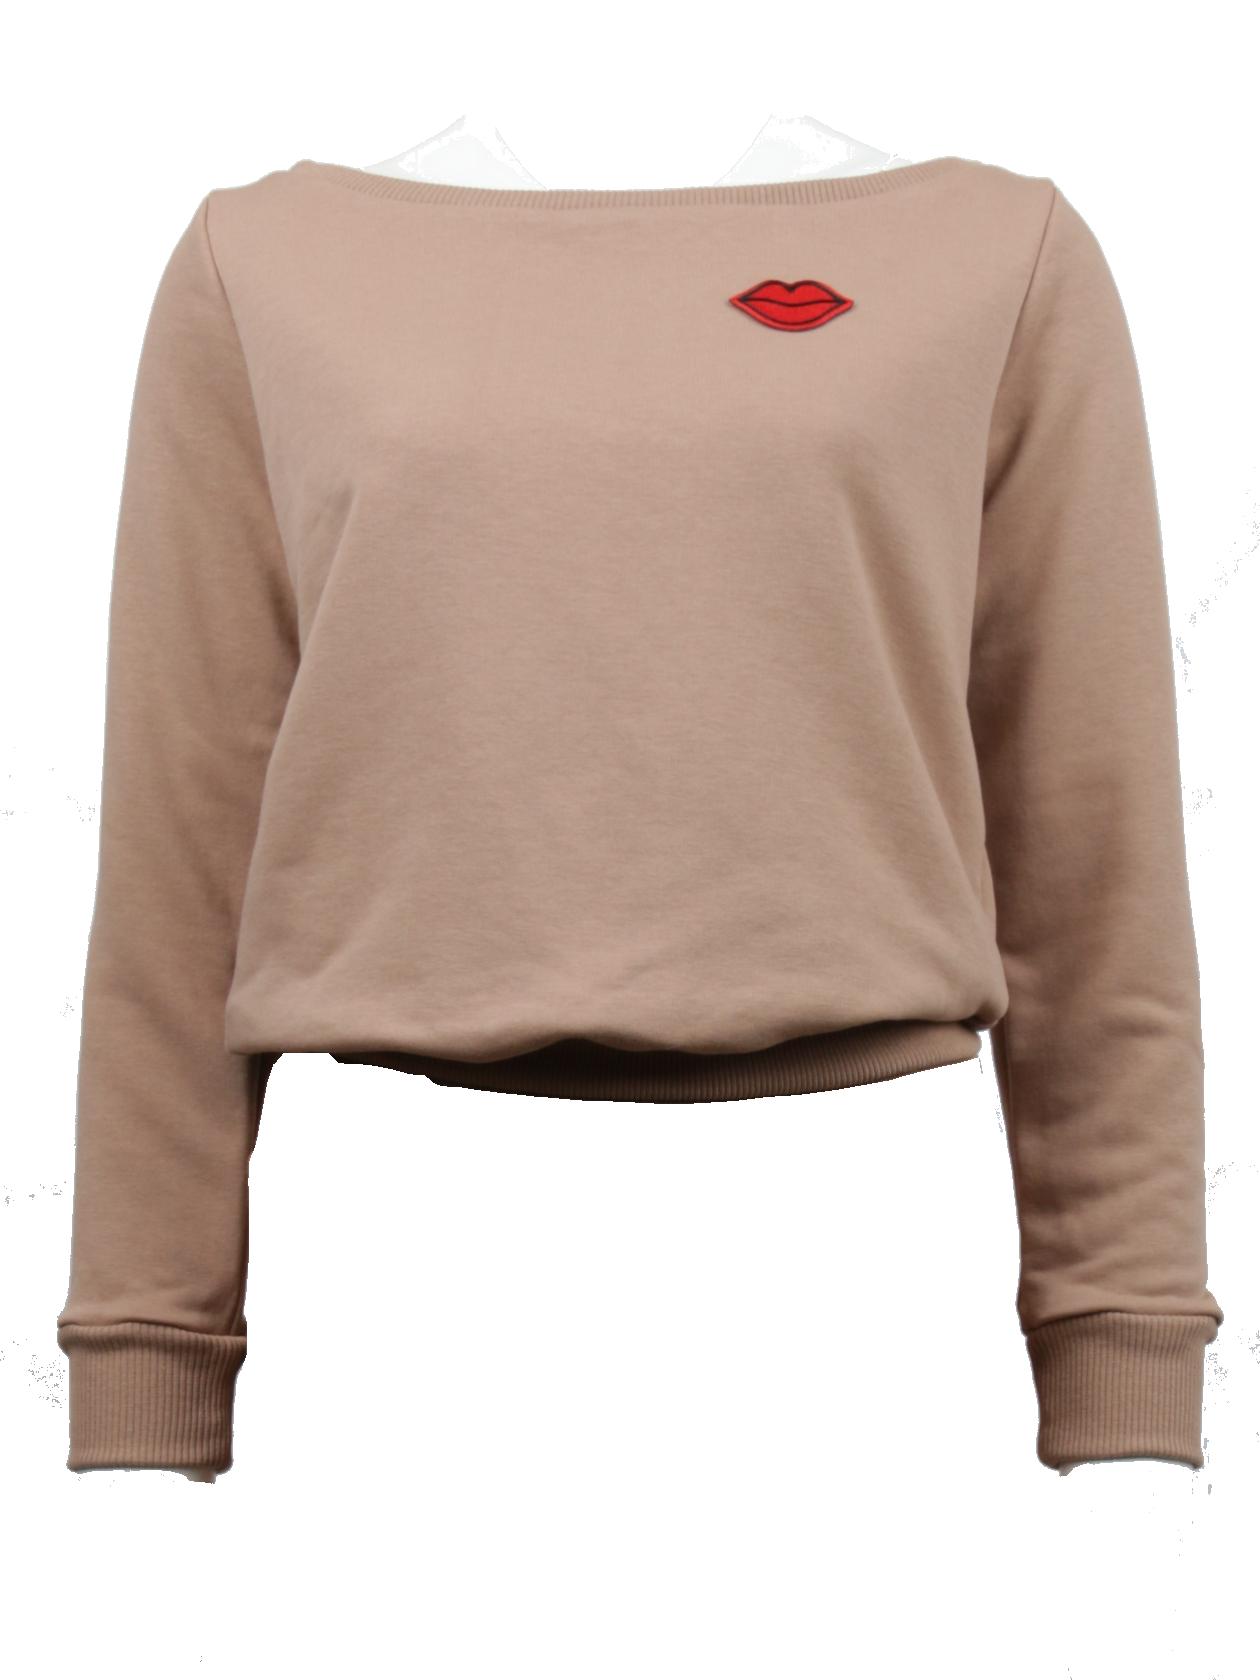 Костюм спортивный женский MON AMOURСтильный костюм спортивный женский Mon Amour идеально впишется в повседневный гардероб активной девушки. Лаконичная расцветка темный беж никогда не выходит из моды и отлично комбинируется с любой другой цветовой гаммой одежды и обуви. Верх представлен свитшотом с длинным рукавом с эластичными вставками на манжетах. Горловина выполнена в форме неглубокой лодочки, содержит лейбл Black Star Wear на внутренней стороне. Брюки прямого полуоблегающего кроя с широким поясом на резинке и завязках и фиксирующими вставками на голенище. Дизайн дополнен яркими нашивками в виде красных губ на левой штанине и в верхней части свитшота. Костюм спортивный сшит из первоклассного натурального хлопка.<br><br>Размер: S<br>Цвет: Бежевый<br>Пол: Женский